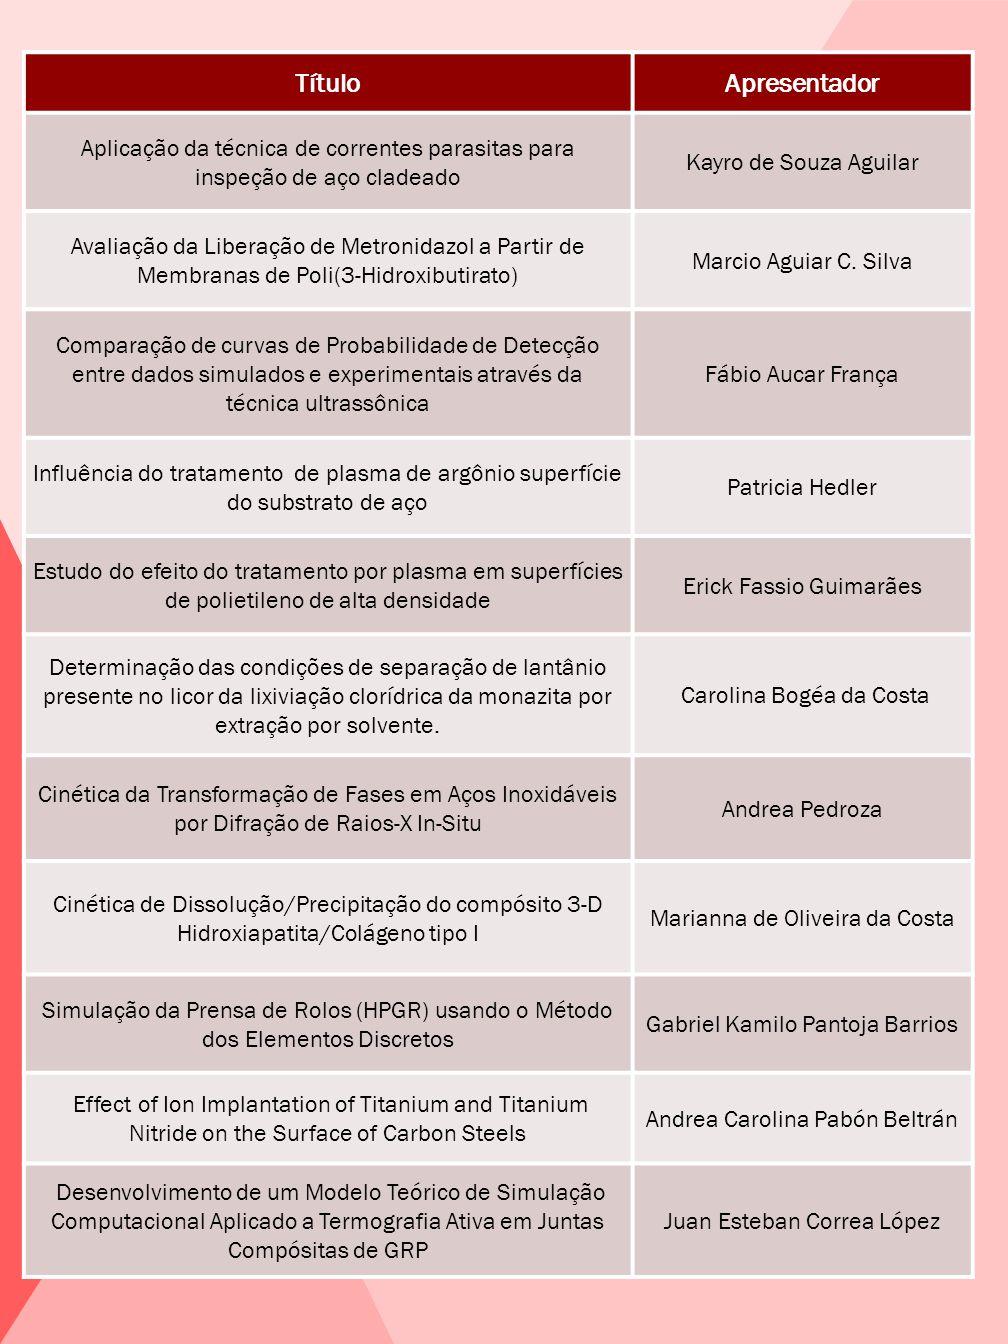 TítuloApresentador Aplicação da técnica de correntes parasitas para inspeção de aço cladeado Kayro de Souza Aguilar Avaliação da Liberação de Metronid